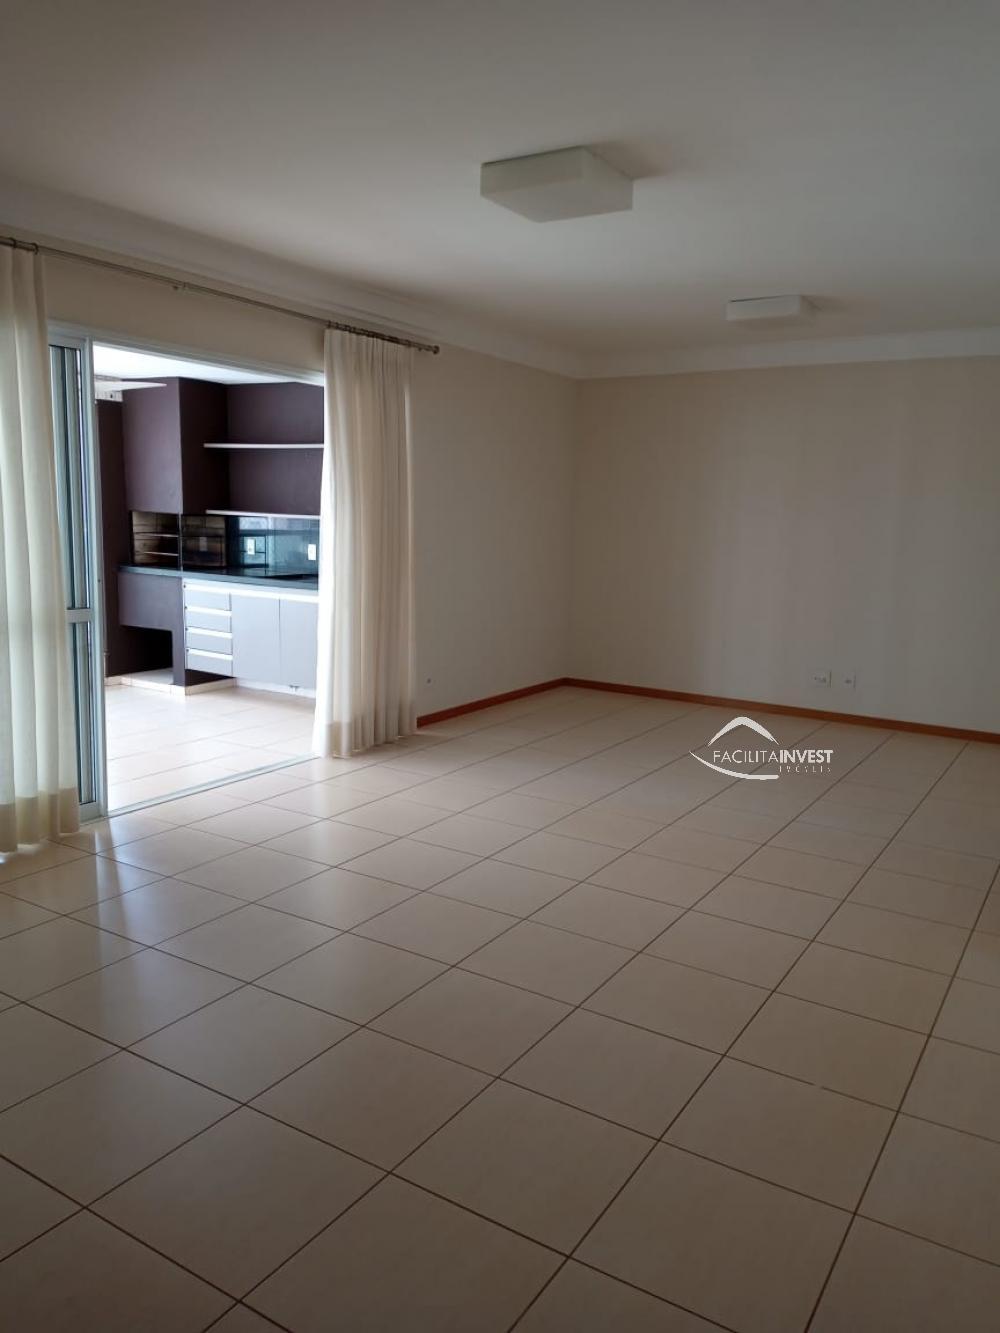 Alugar Apartamentos / Apart. Padrão em Ribeirão Preto apenas R$ 3.800,00 - Foto 2